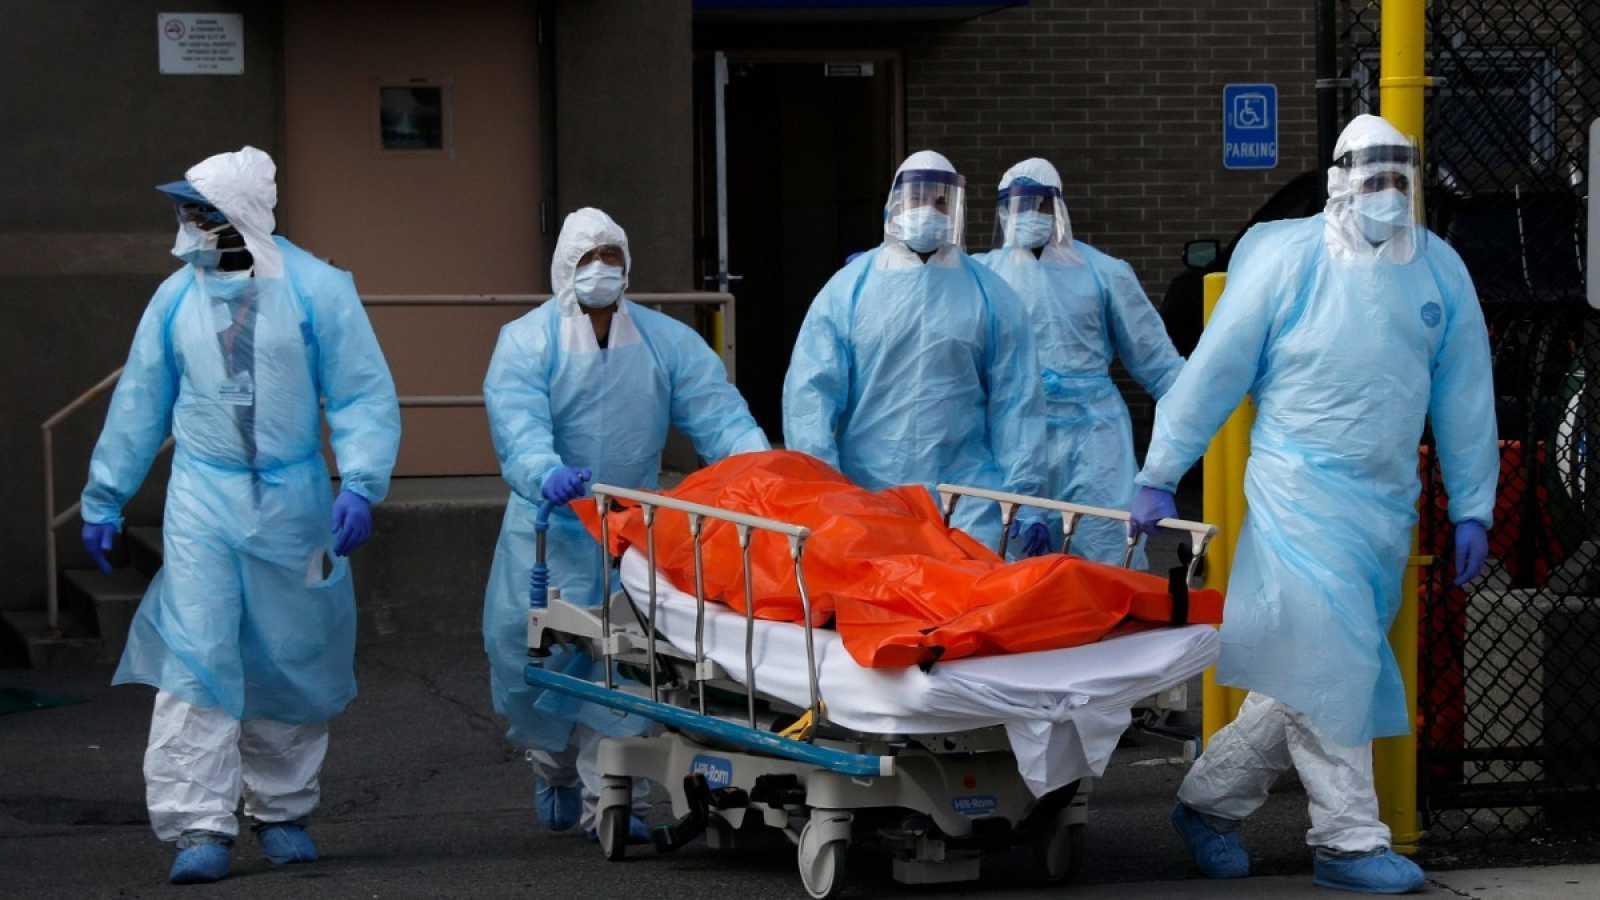 Matazón: 1,092 muertos por coronavirus en 24 horas